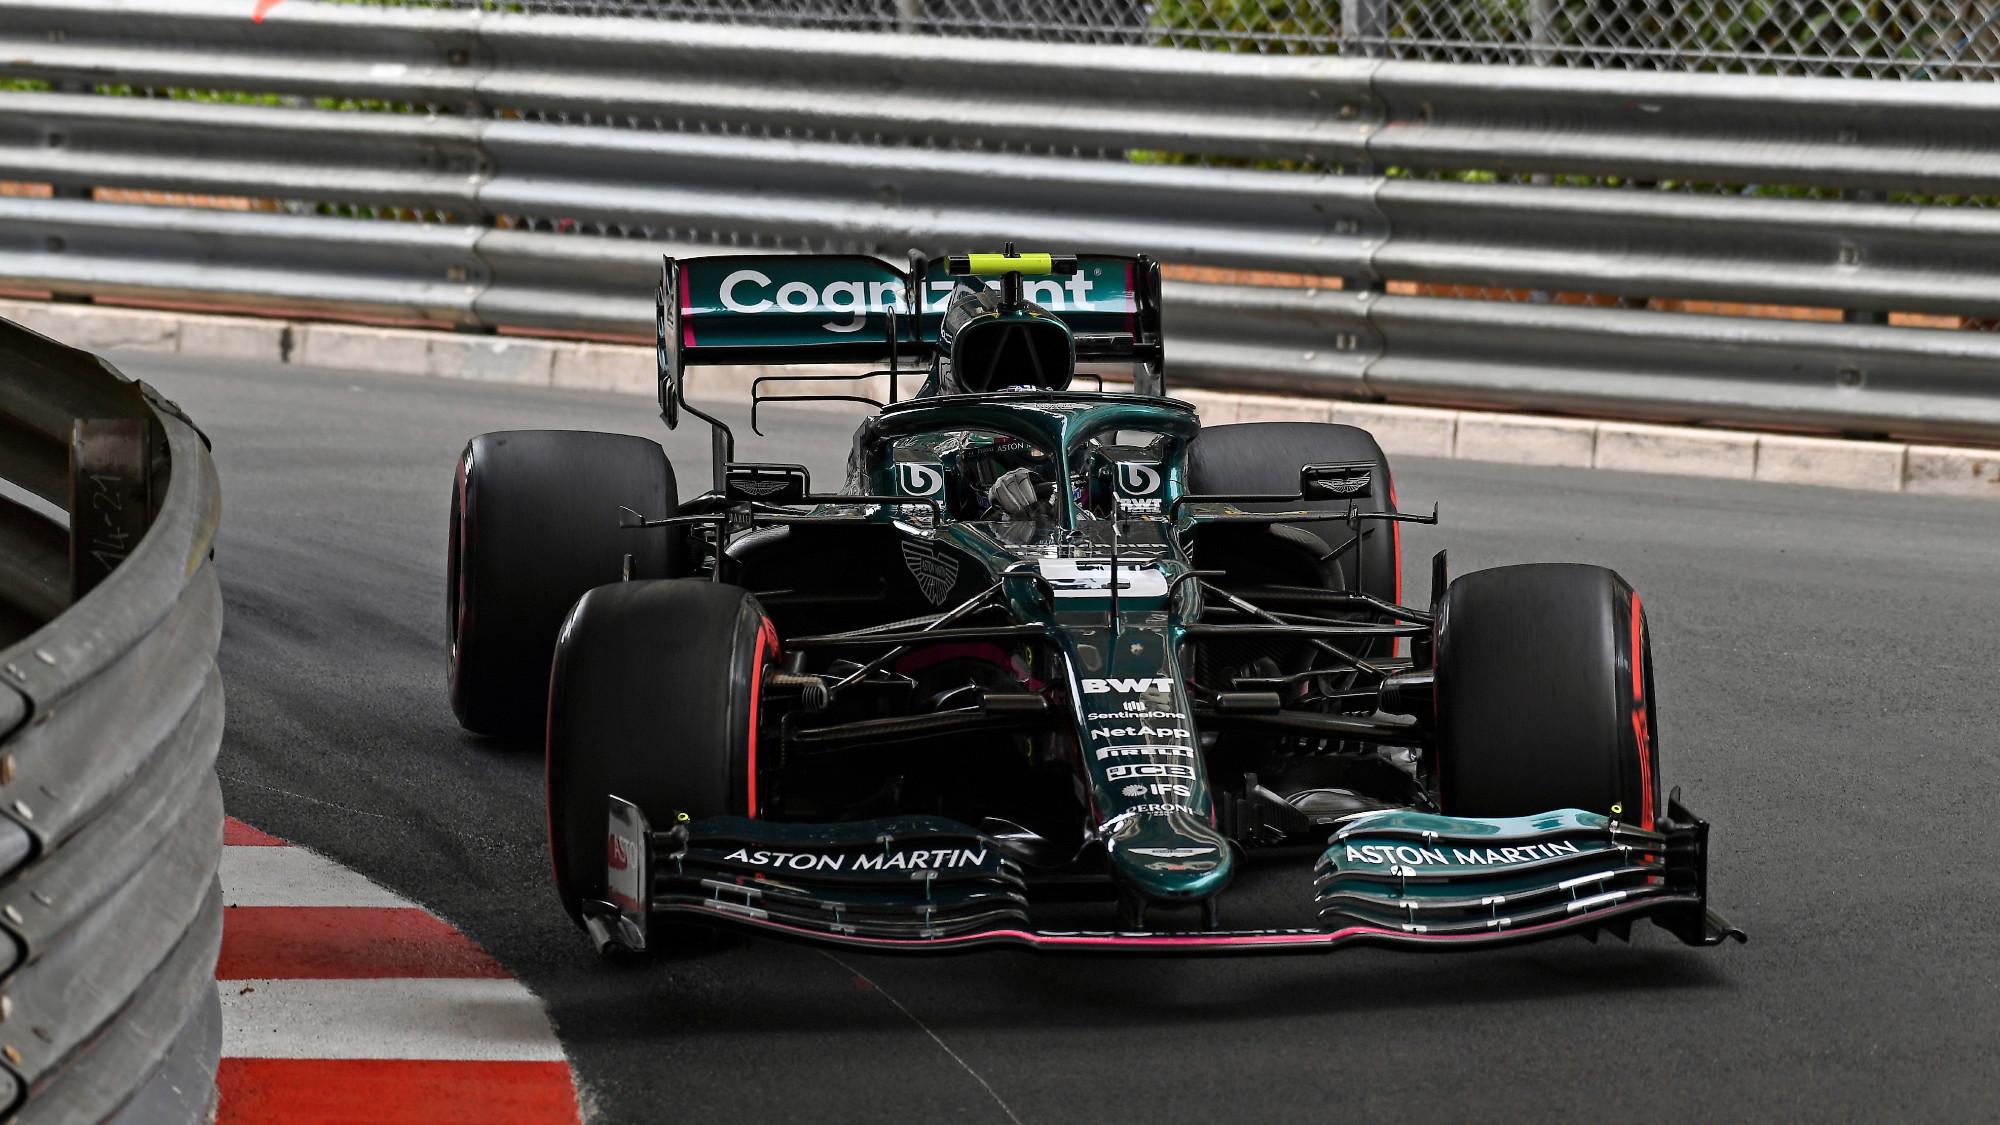 2021 Monaco GP, Sebastian Vettel